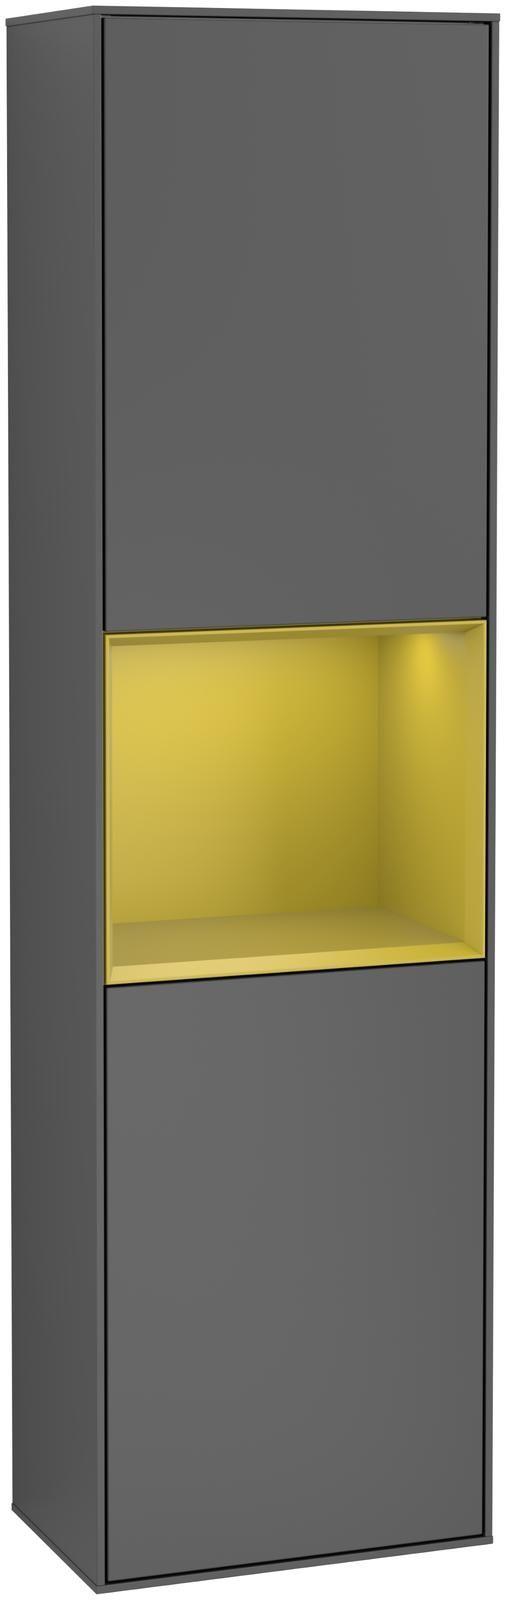 Villeroy & Boch Finion F46 Hochschrank mit Regalelement 2 Türen Anschlag links LED-Beleuchtung B:41,8xH:151,6xT:27cm Front, Korpus: Anthracite Matt, Regal: Sun F460HEGK